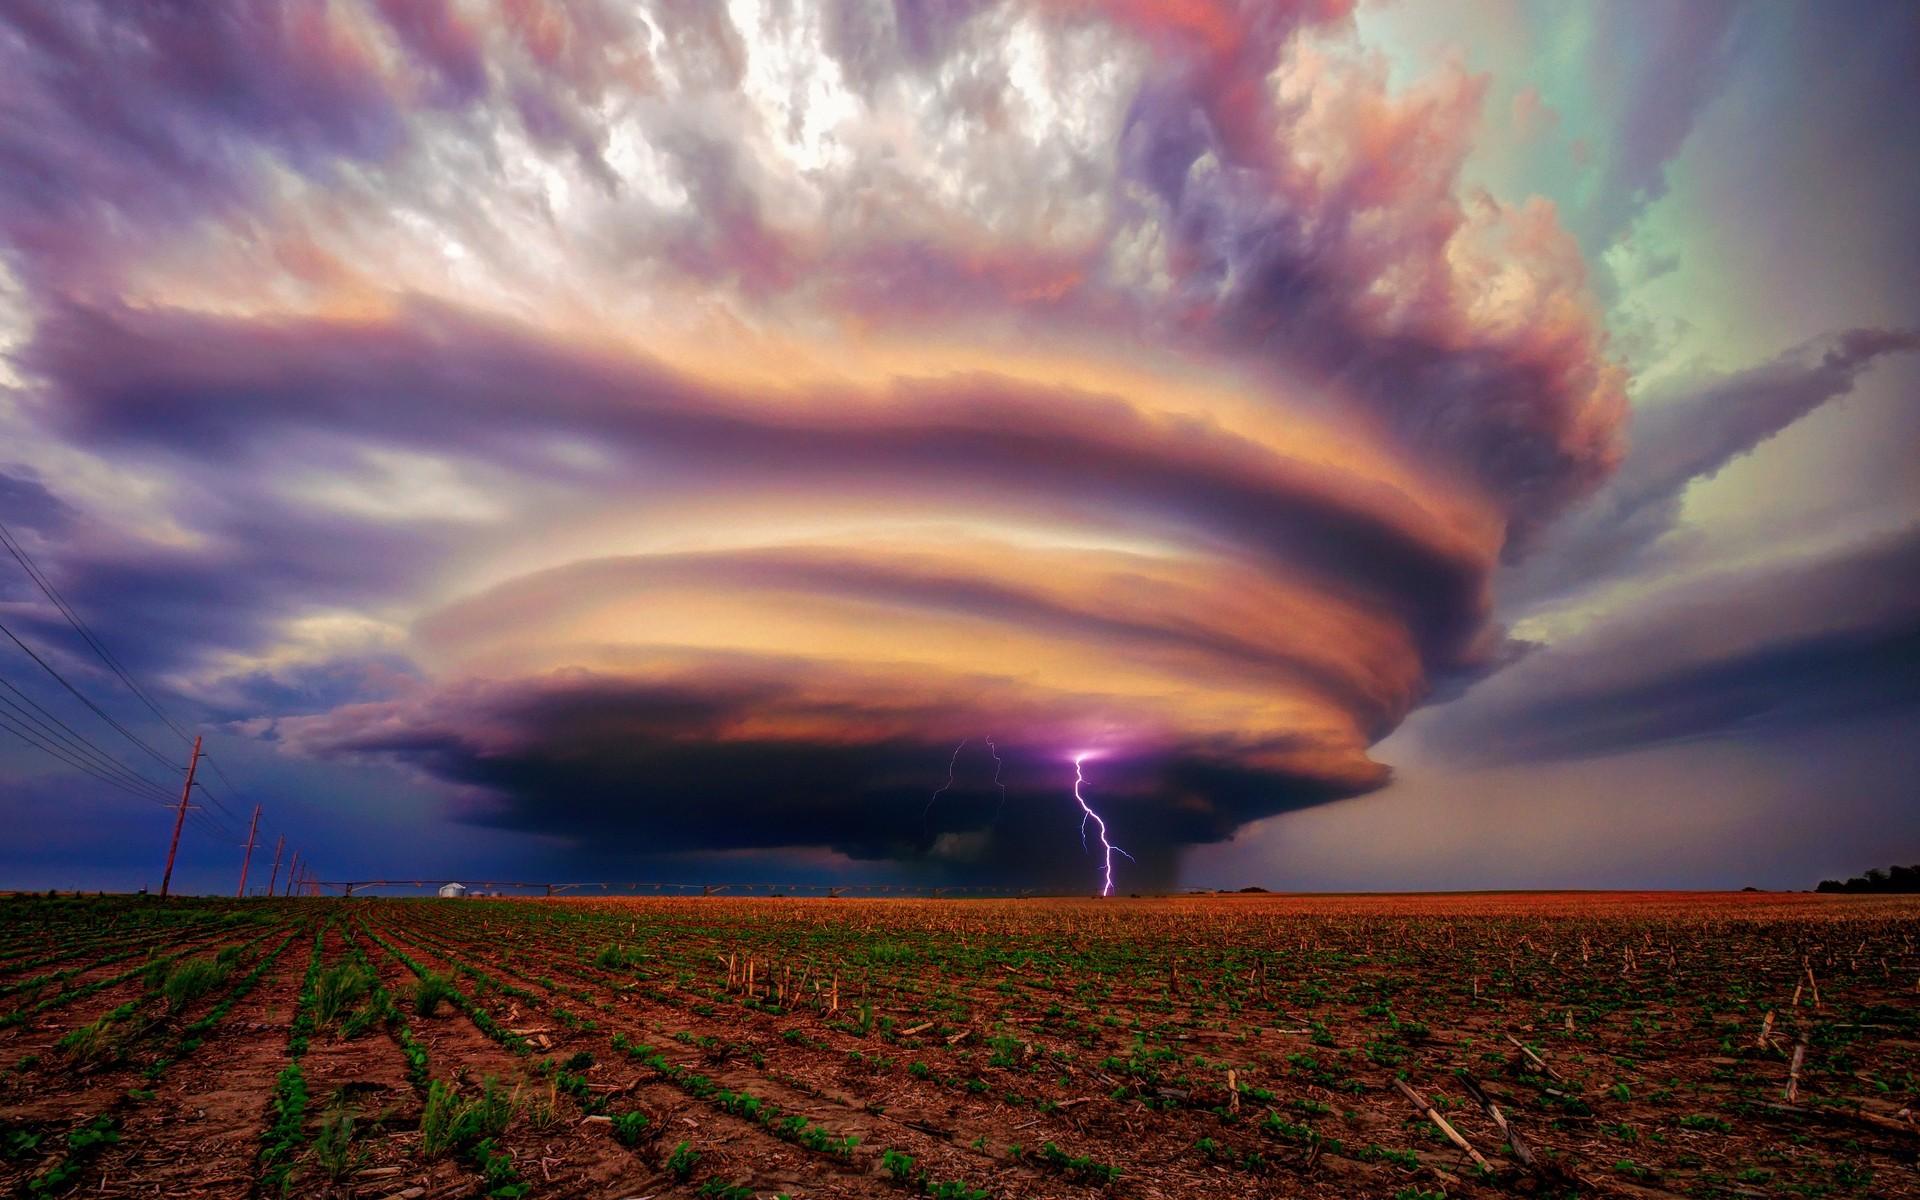 tornado wallpaper nature